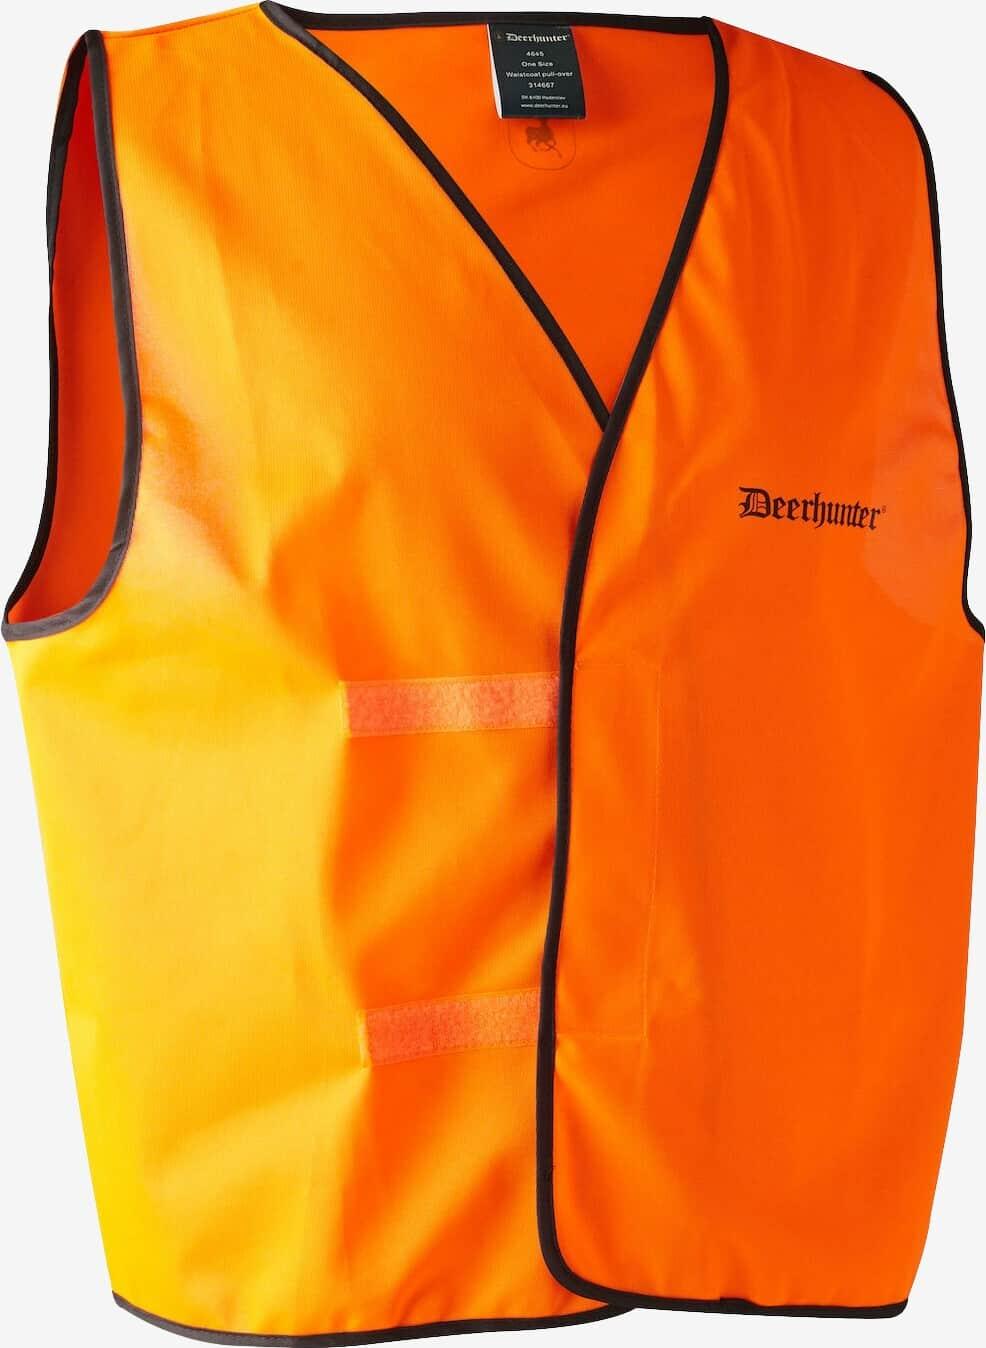 Deerhunter - Pull-over vest (Orange)